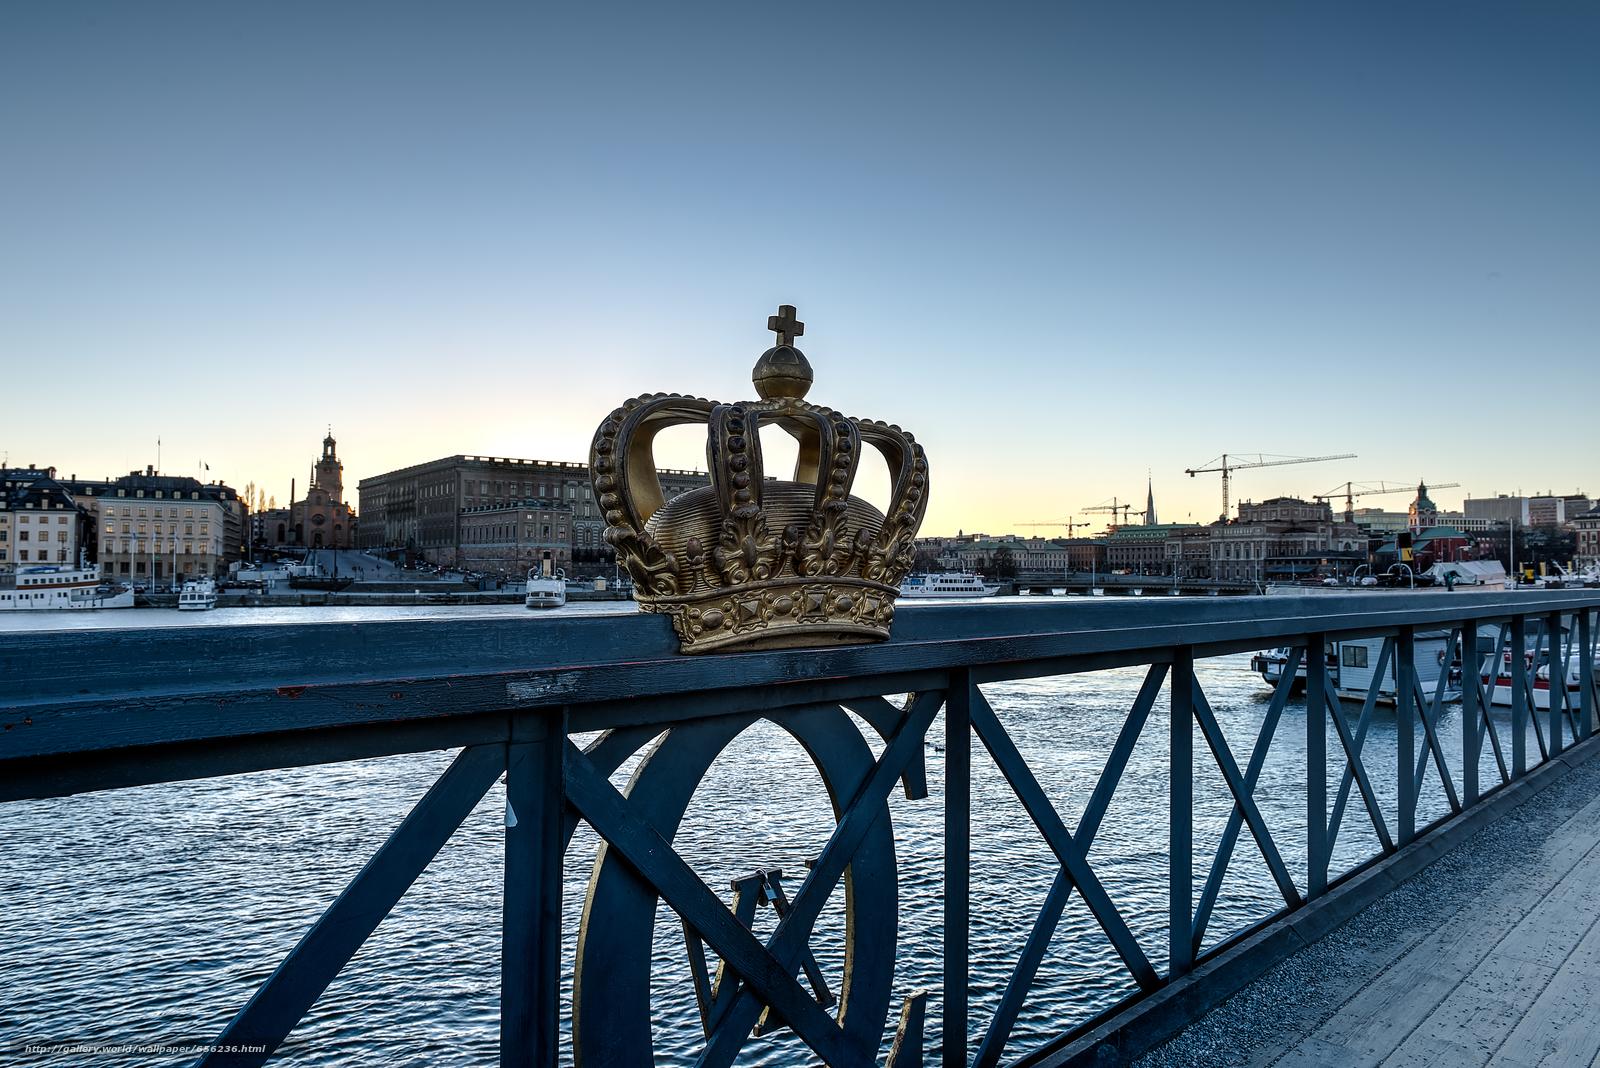 pobra tapety Sztokholm,  Szwecja,  miasto Darmowe tapety na pulpit rozdzielczoci 7372x4920 — zdjcie №656236